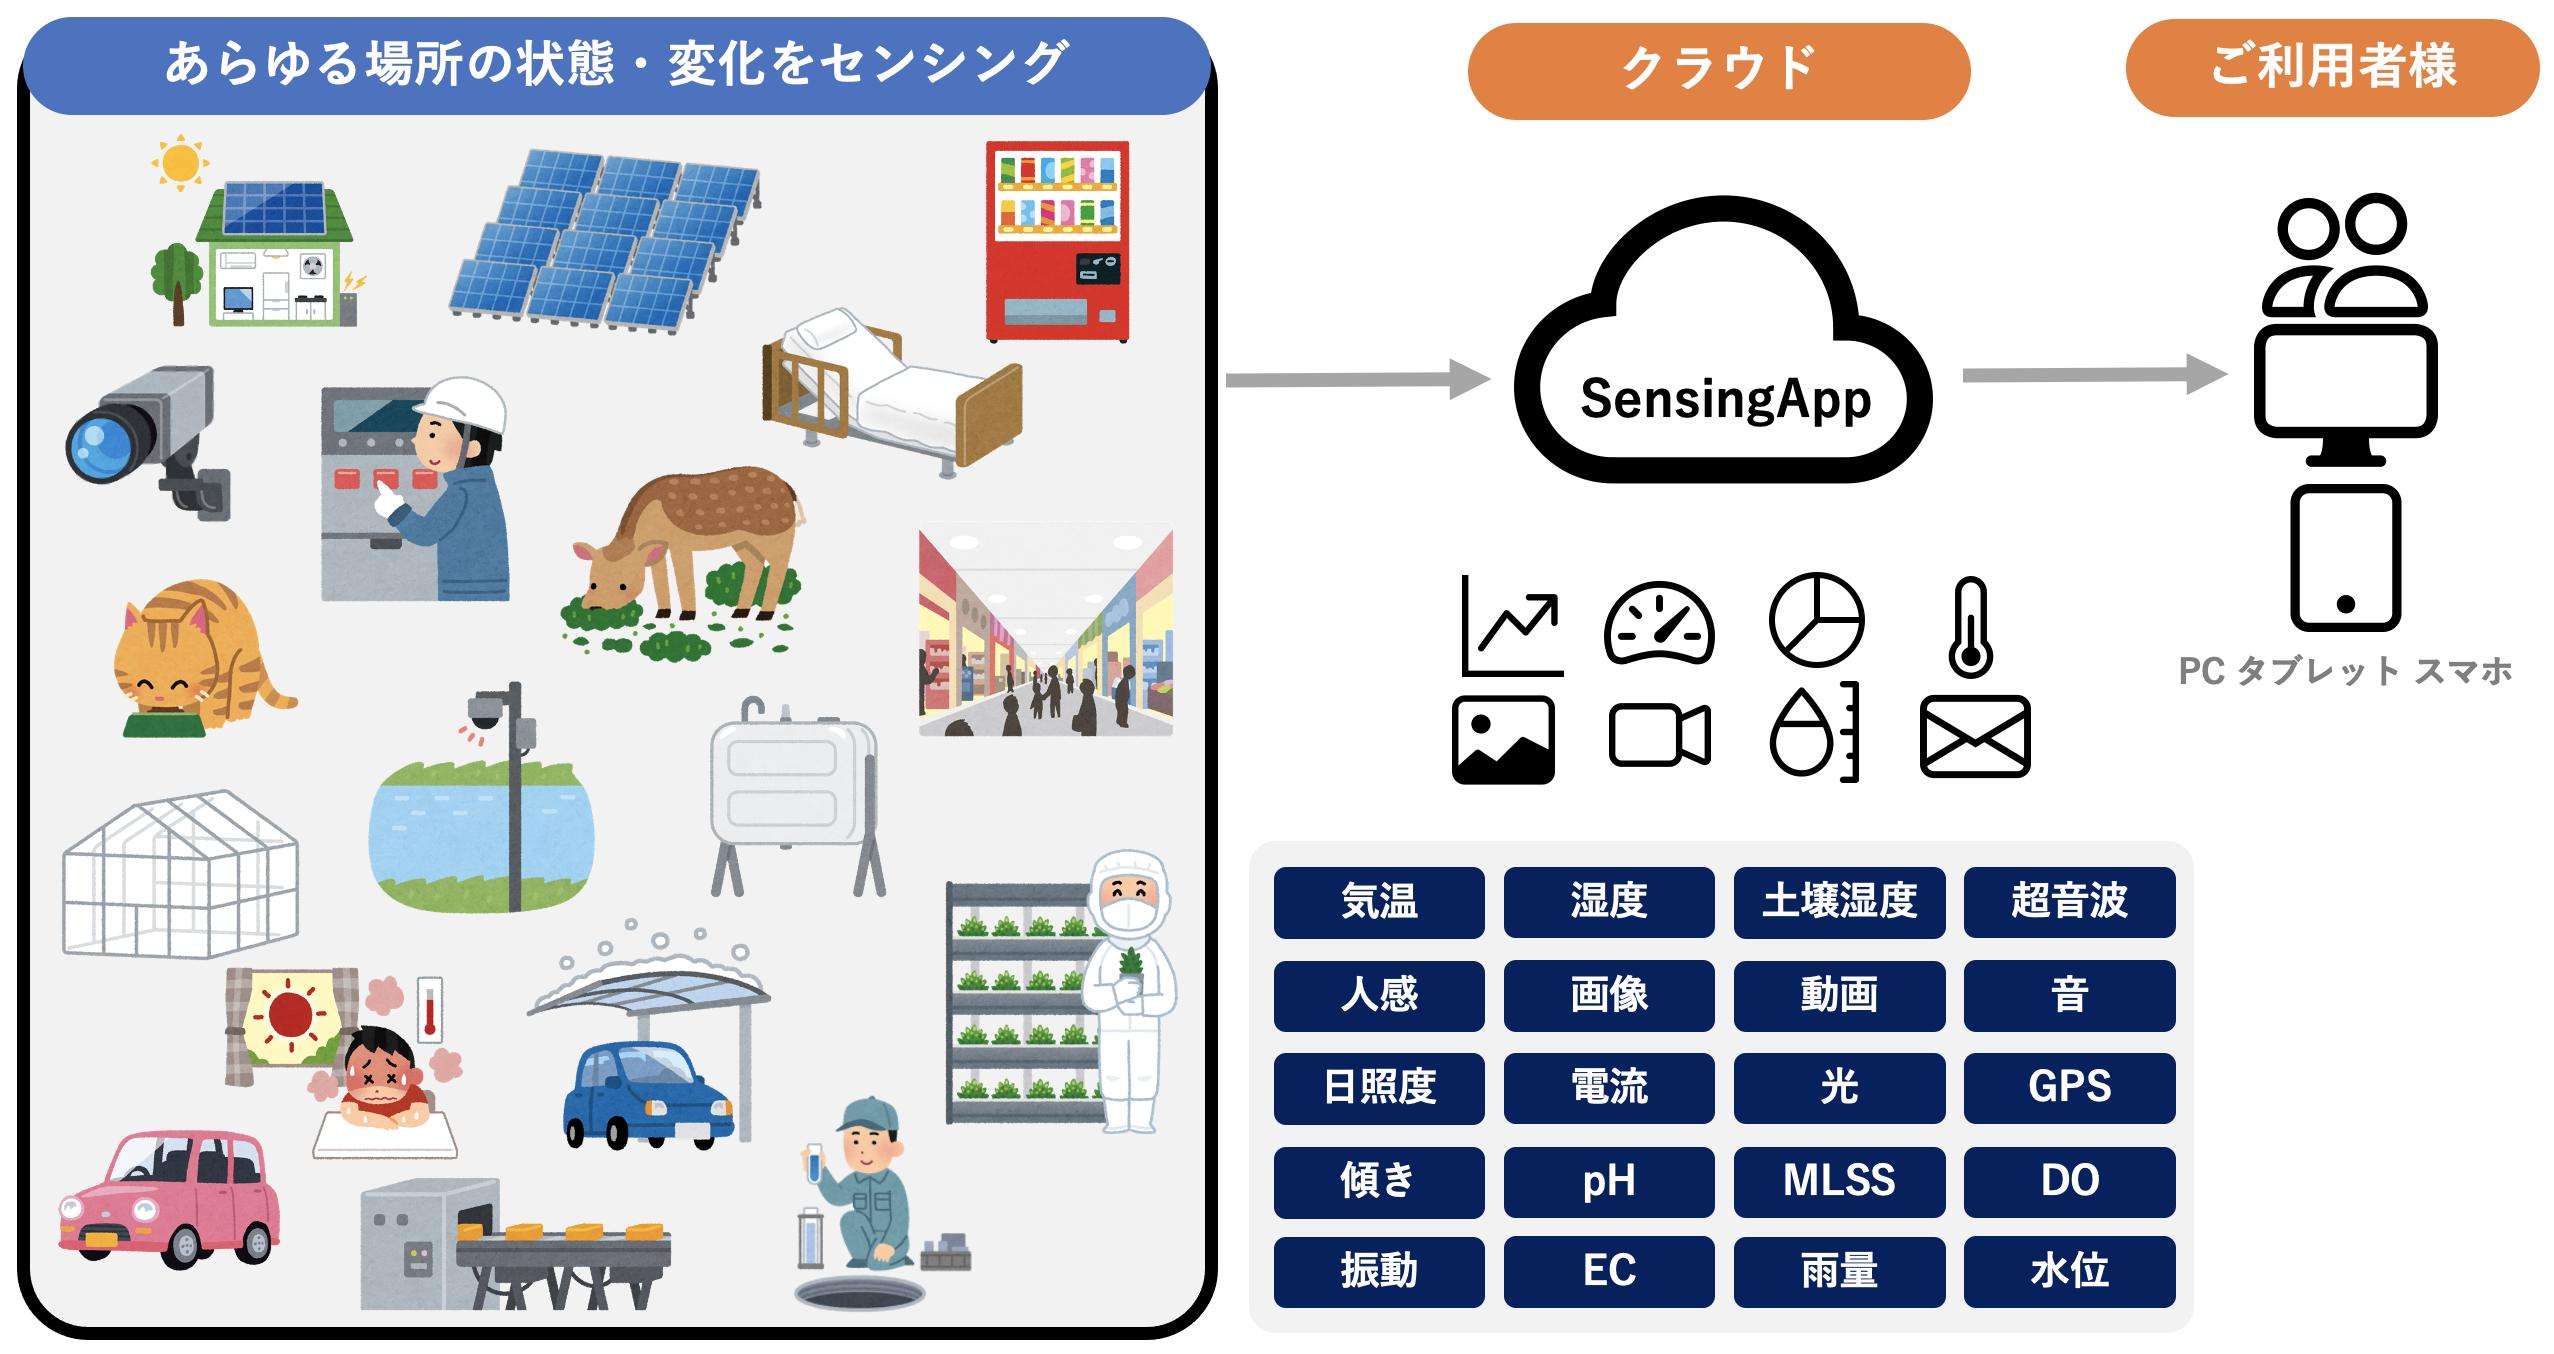 SensingApp Platform